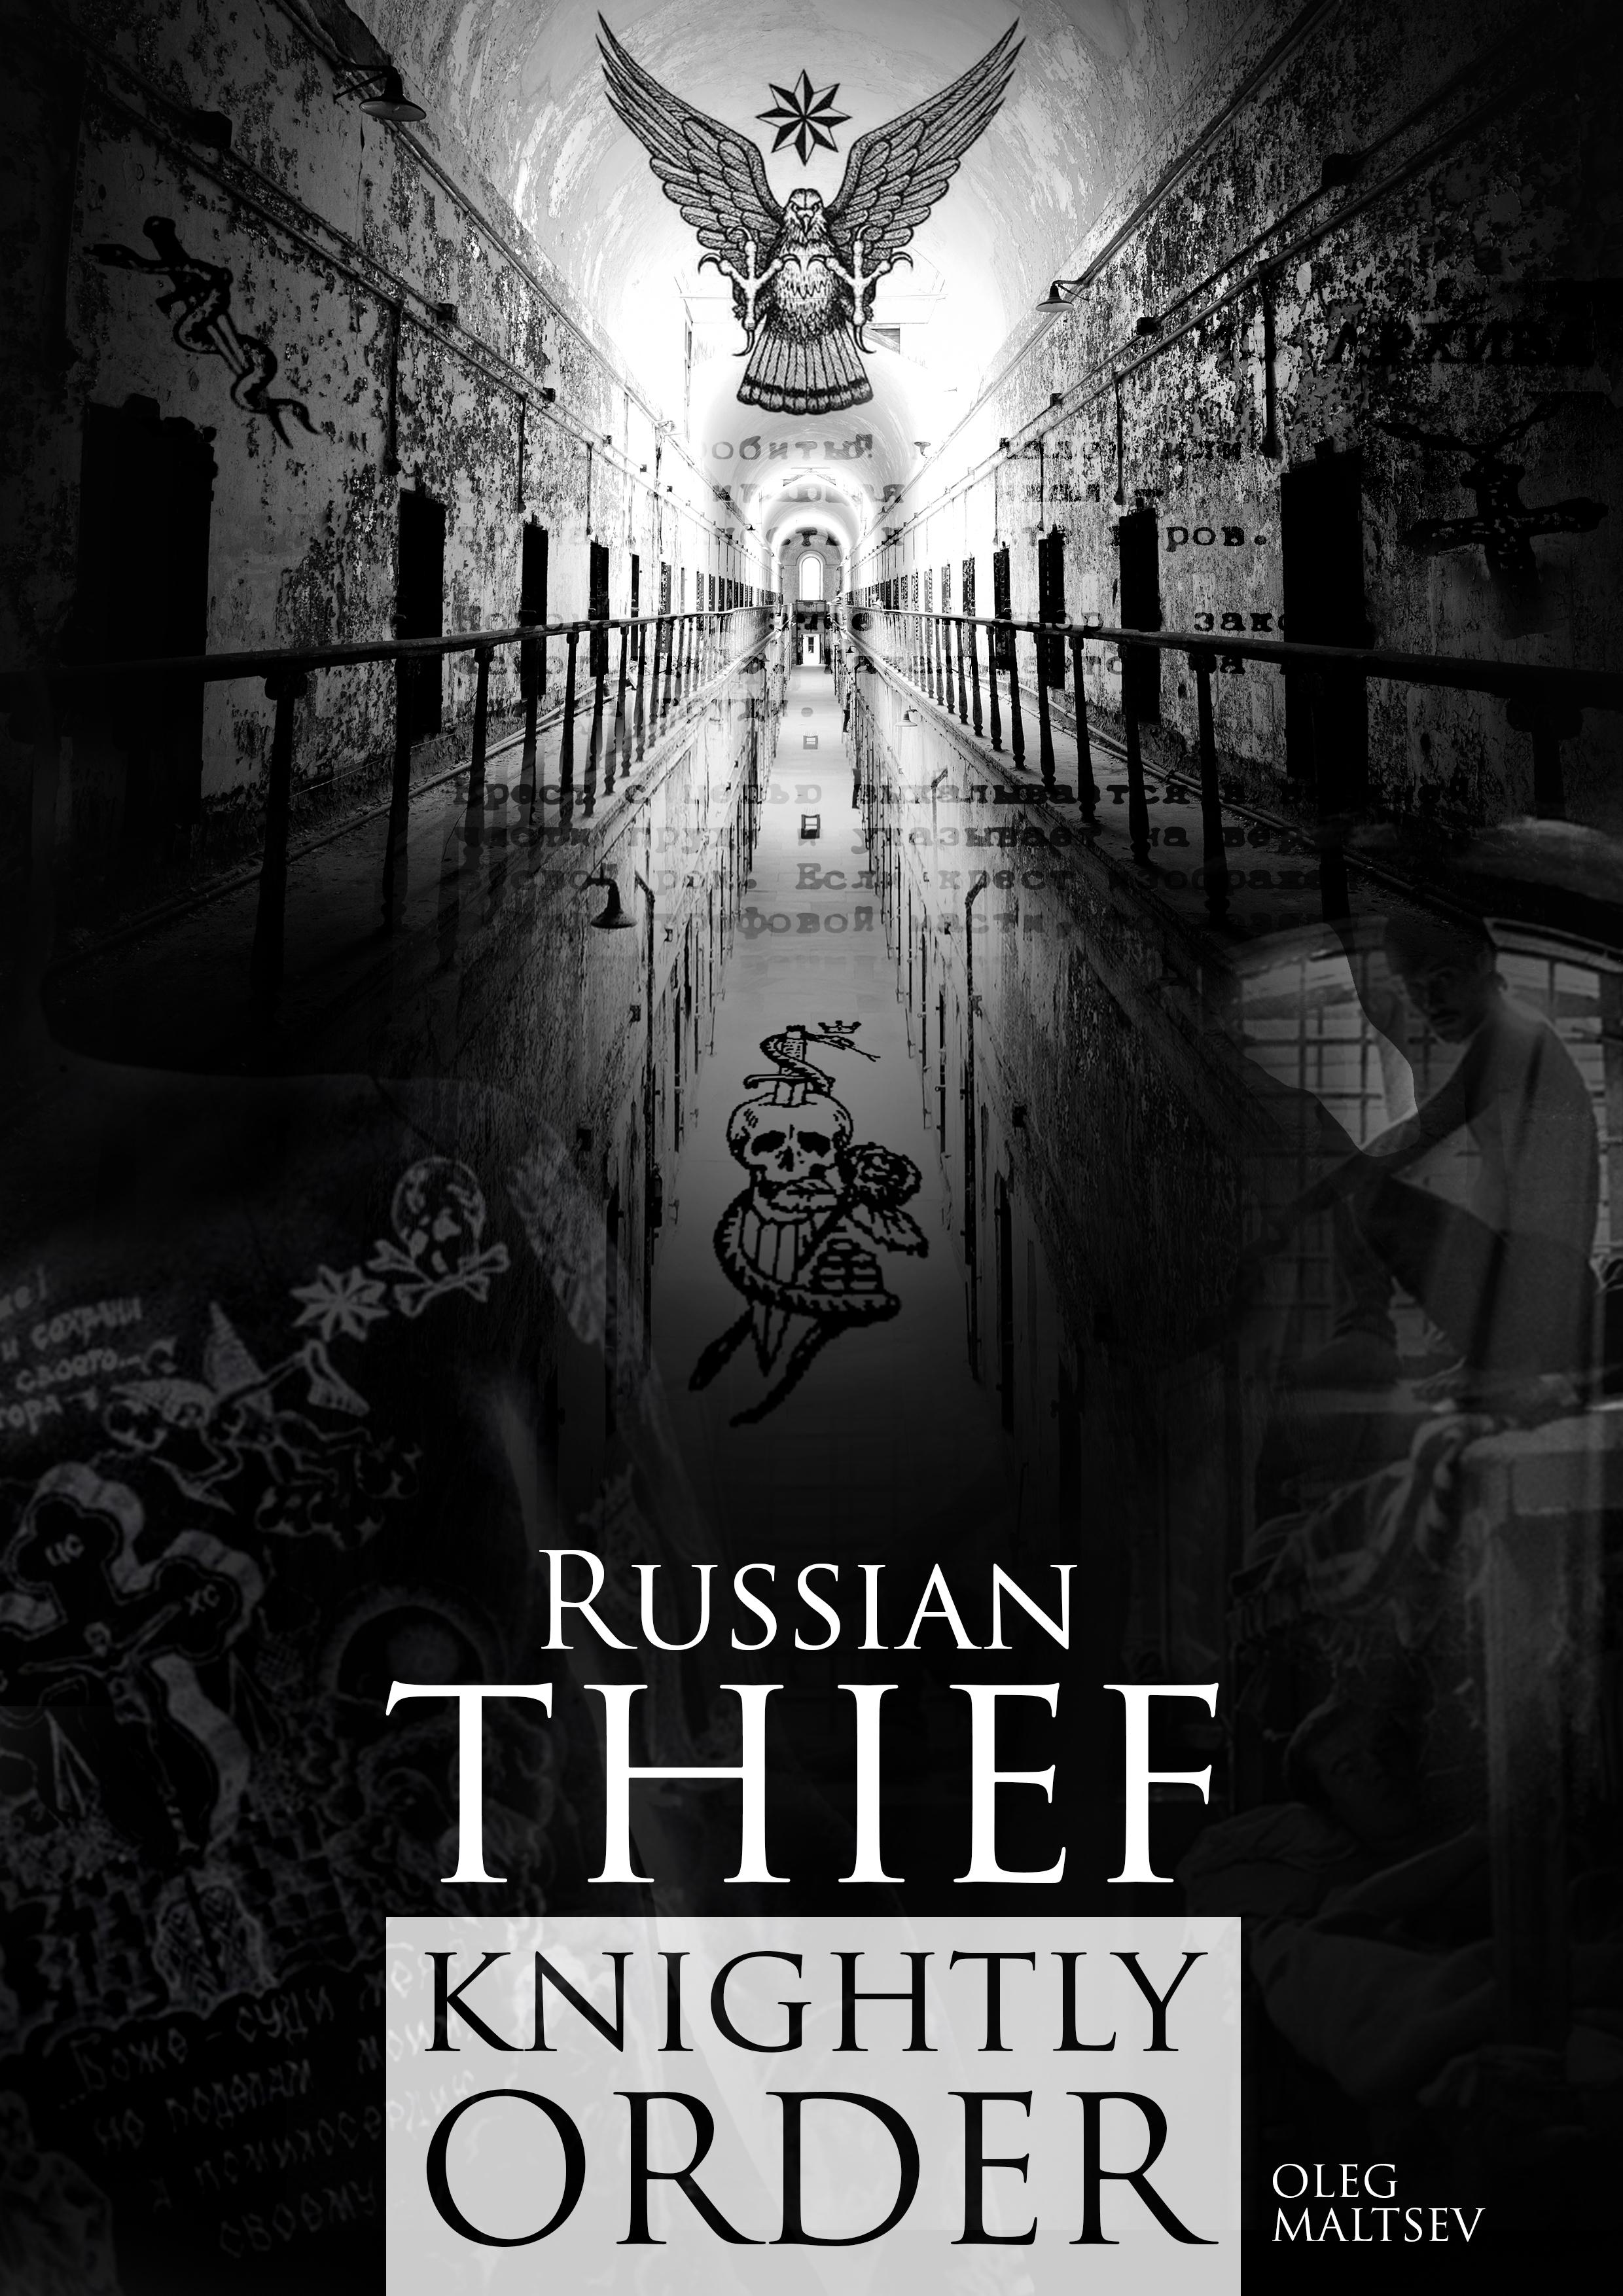 Russian thief knightly order.